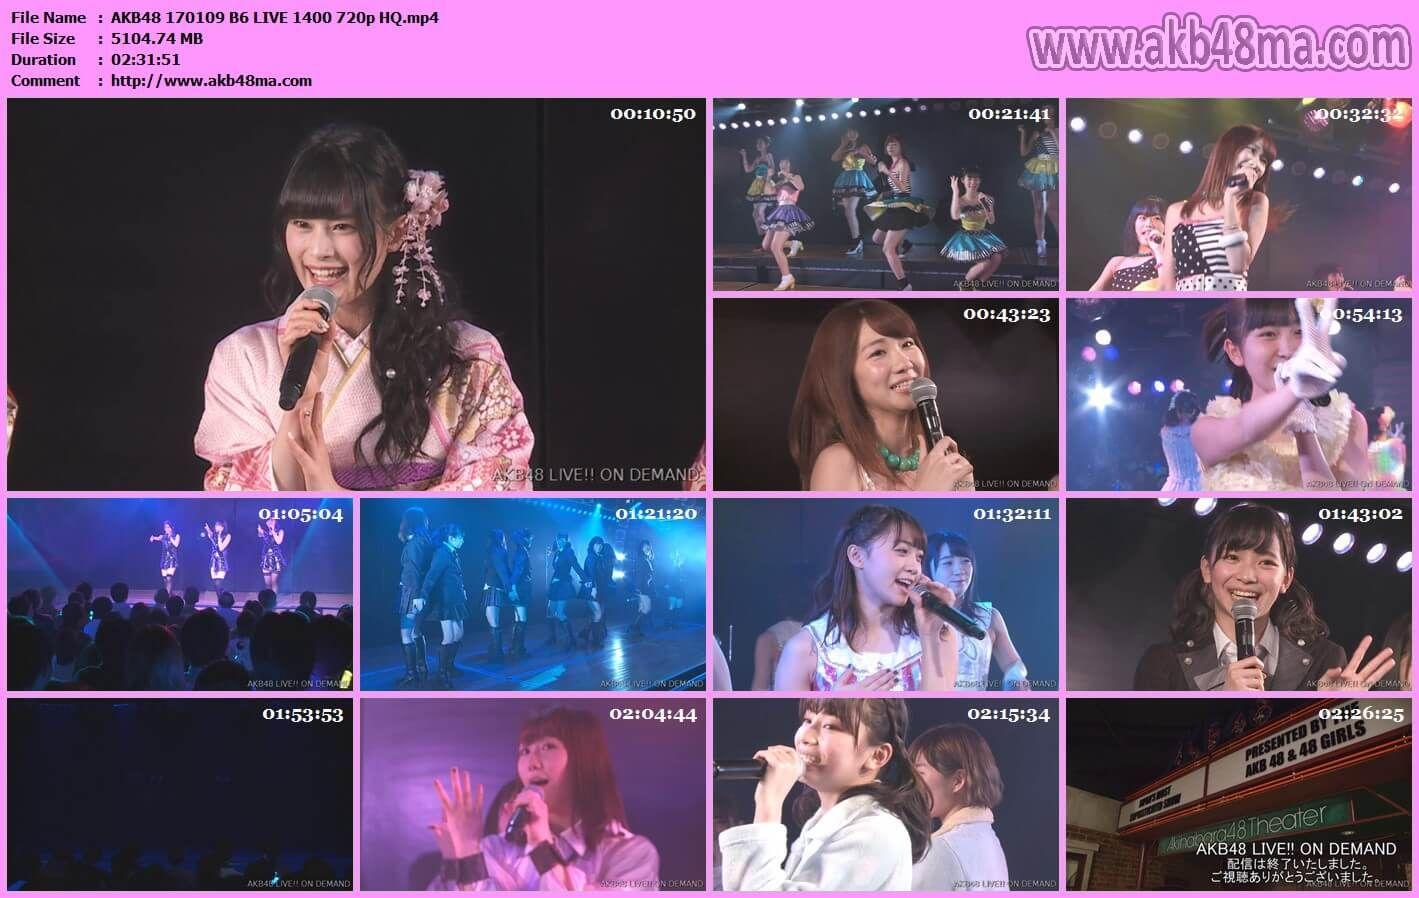 公演配信170109 AKB48 チームB ただいま恋愛中公演   170109 AKB48 1400 チームB ただいま恋愛中公演 ALFAFILEAKB48a17010901.Live.part1.rarAKB48a17010901.Live.part2.rarAKB48a17010901.Live.part3.rarAKB48a17010901.Live.part4.rarAKB48a17010901.Live.part5.rar ALFAFILE 170109 AKB48 1800 チームB ただいま恋愛中公演 12月度お客様生誕祭 ALFAFILEAKB48b17010902.Live.part1.rarAKB48b17010902.Live.part2.rarAKB48b17010902.Live.part3.rarAKB48b17010902.Live.part4.rarAKB48b17010902.Live.part5.rar ALFAFILE Note : AKB48MA.com Please Update Bookmark our Pemanent Site…